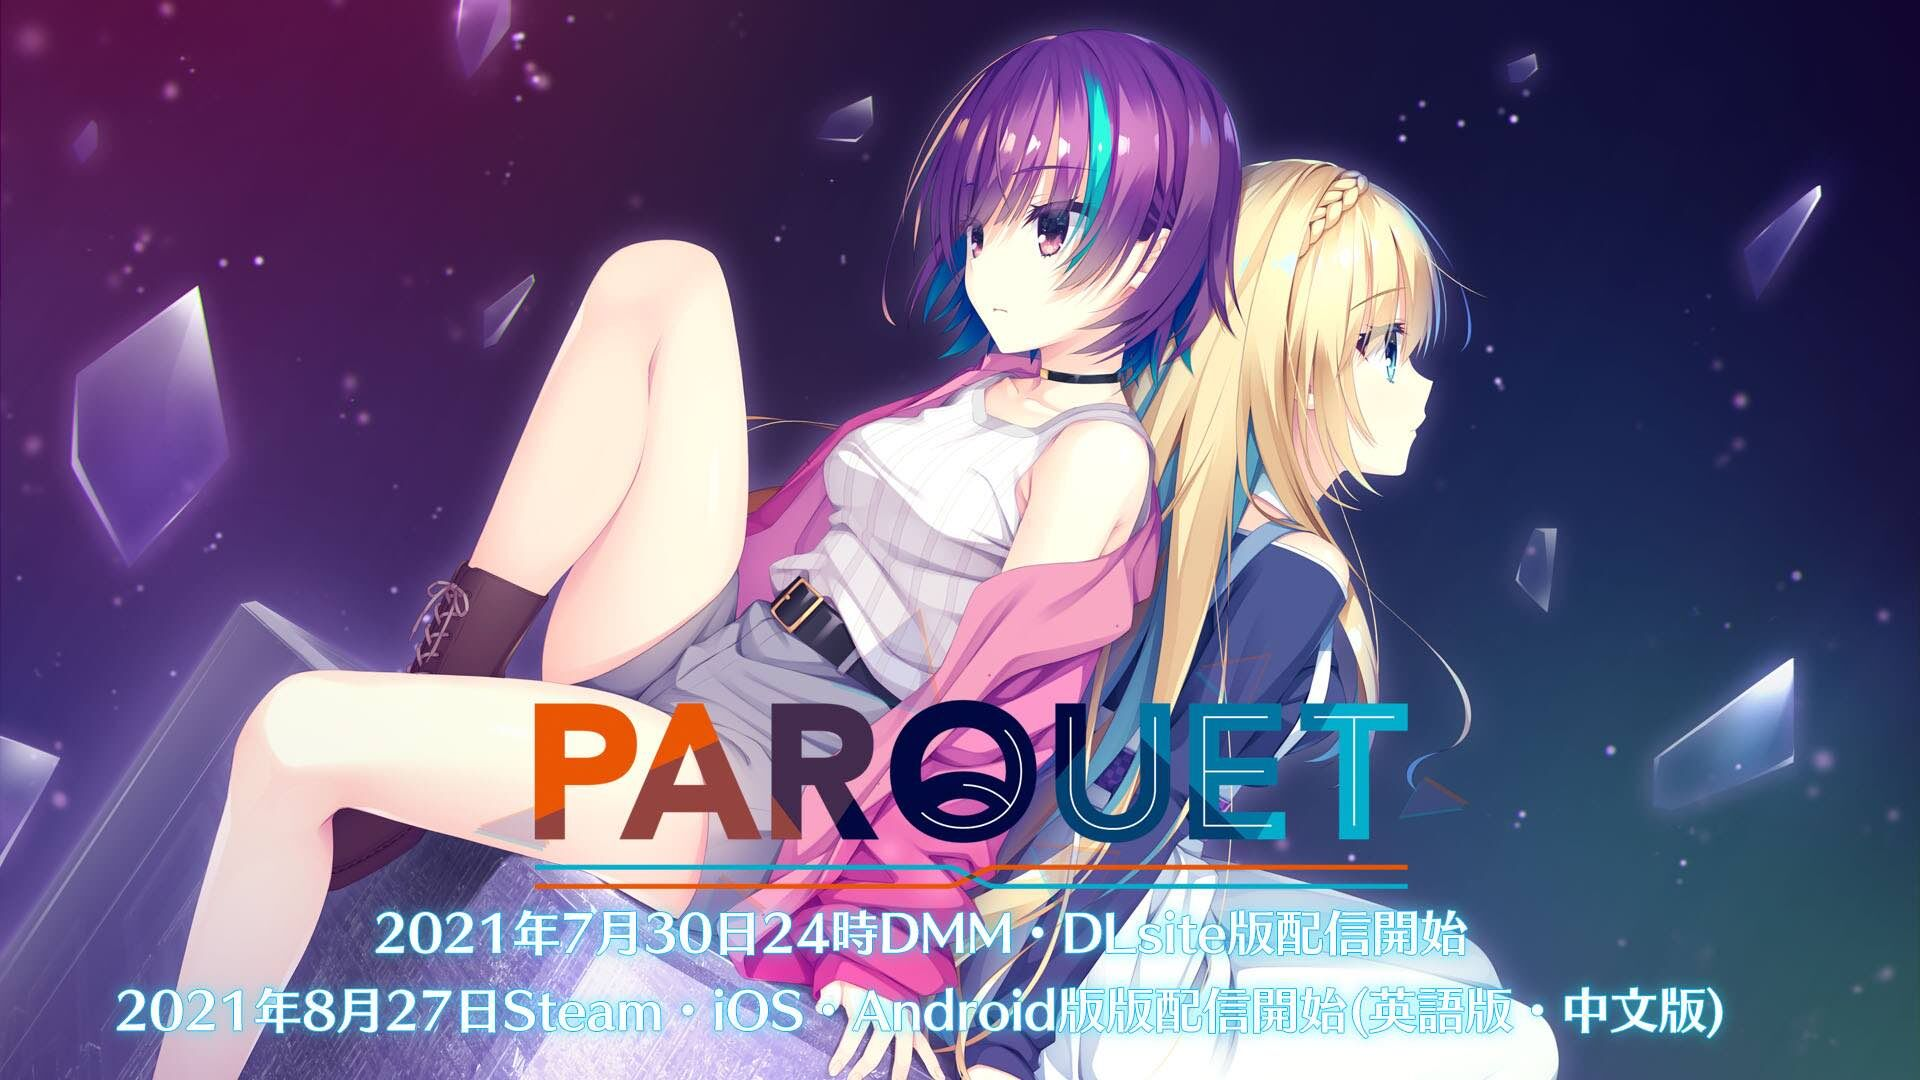 【PC/ADV/生肉】PARQUET (柚子新作) [OD] 1.46G (附全CG存档)